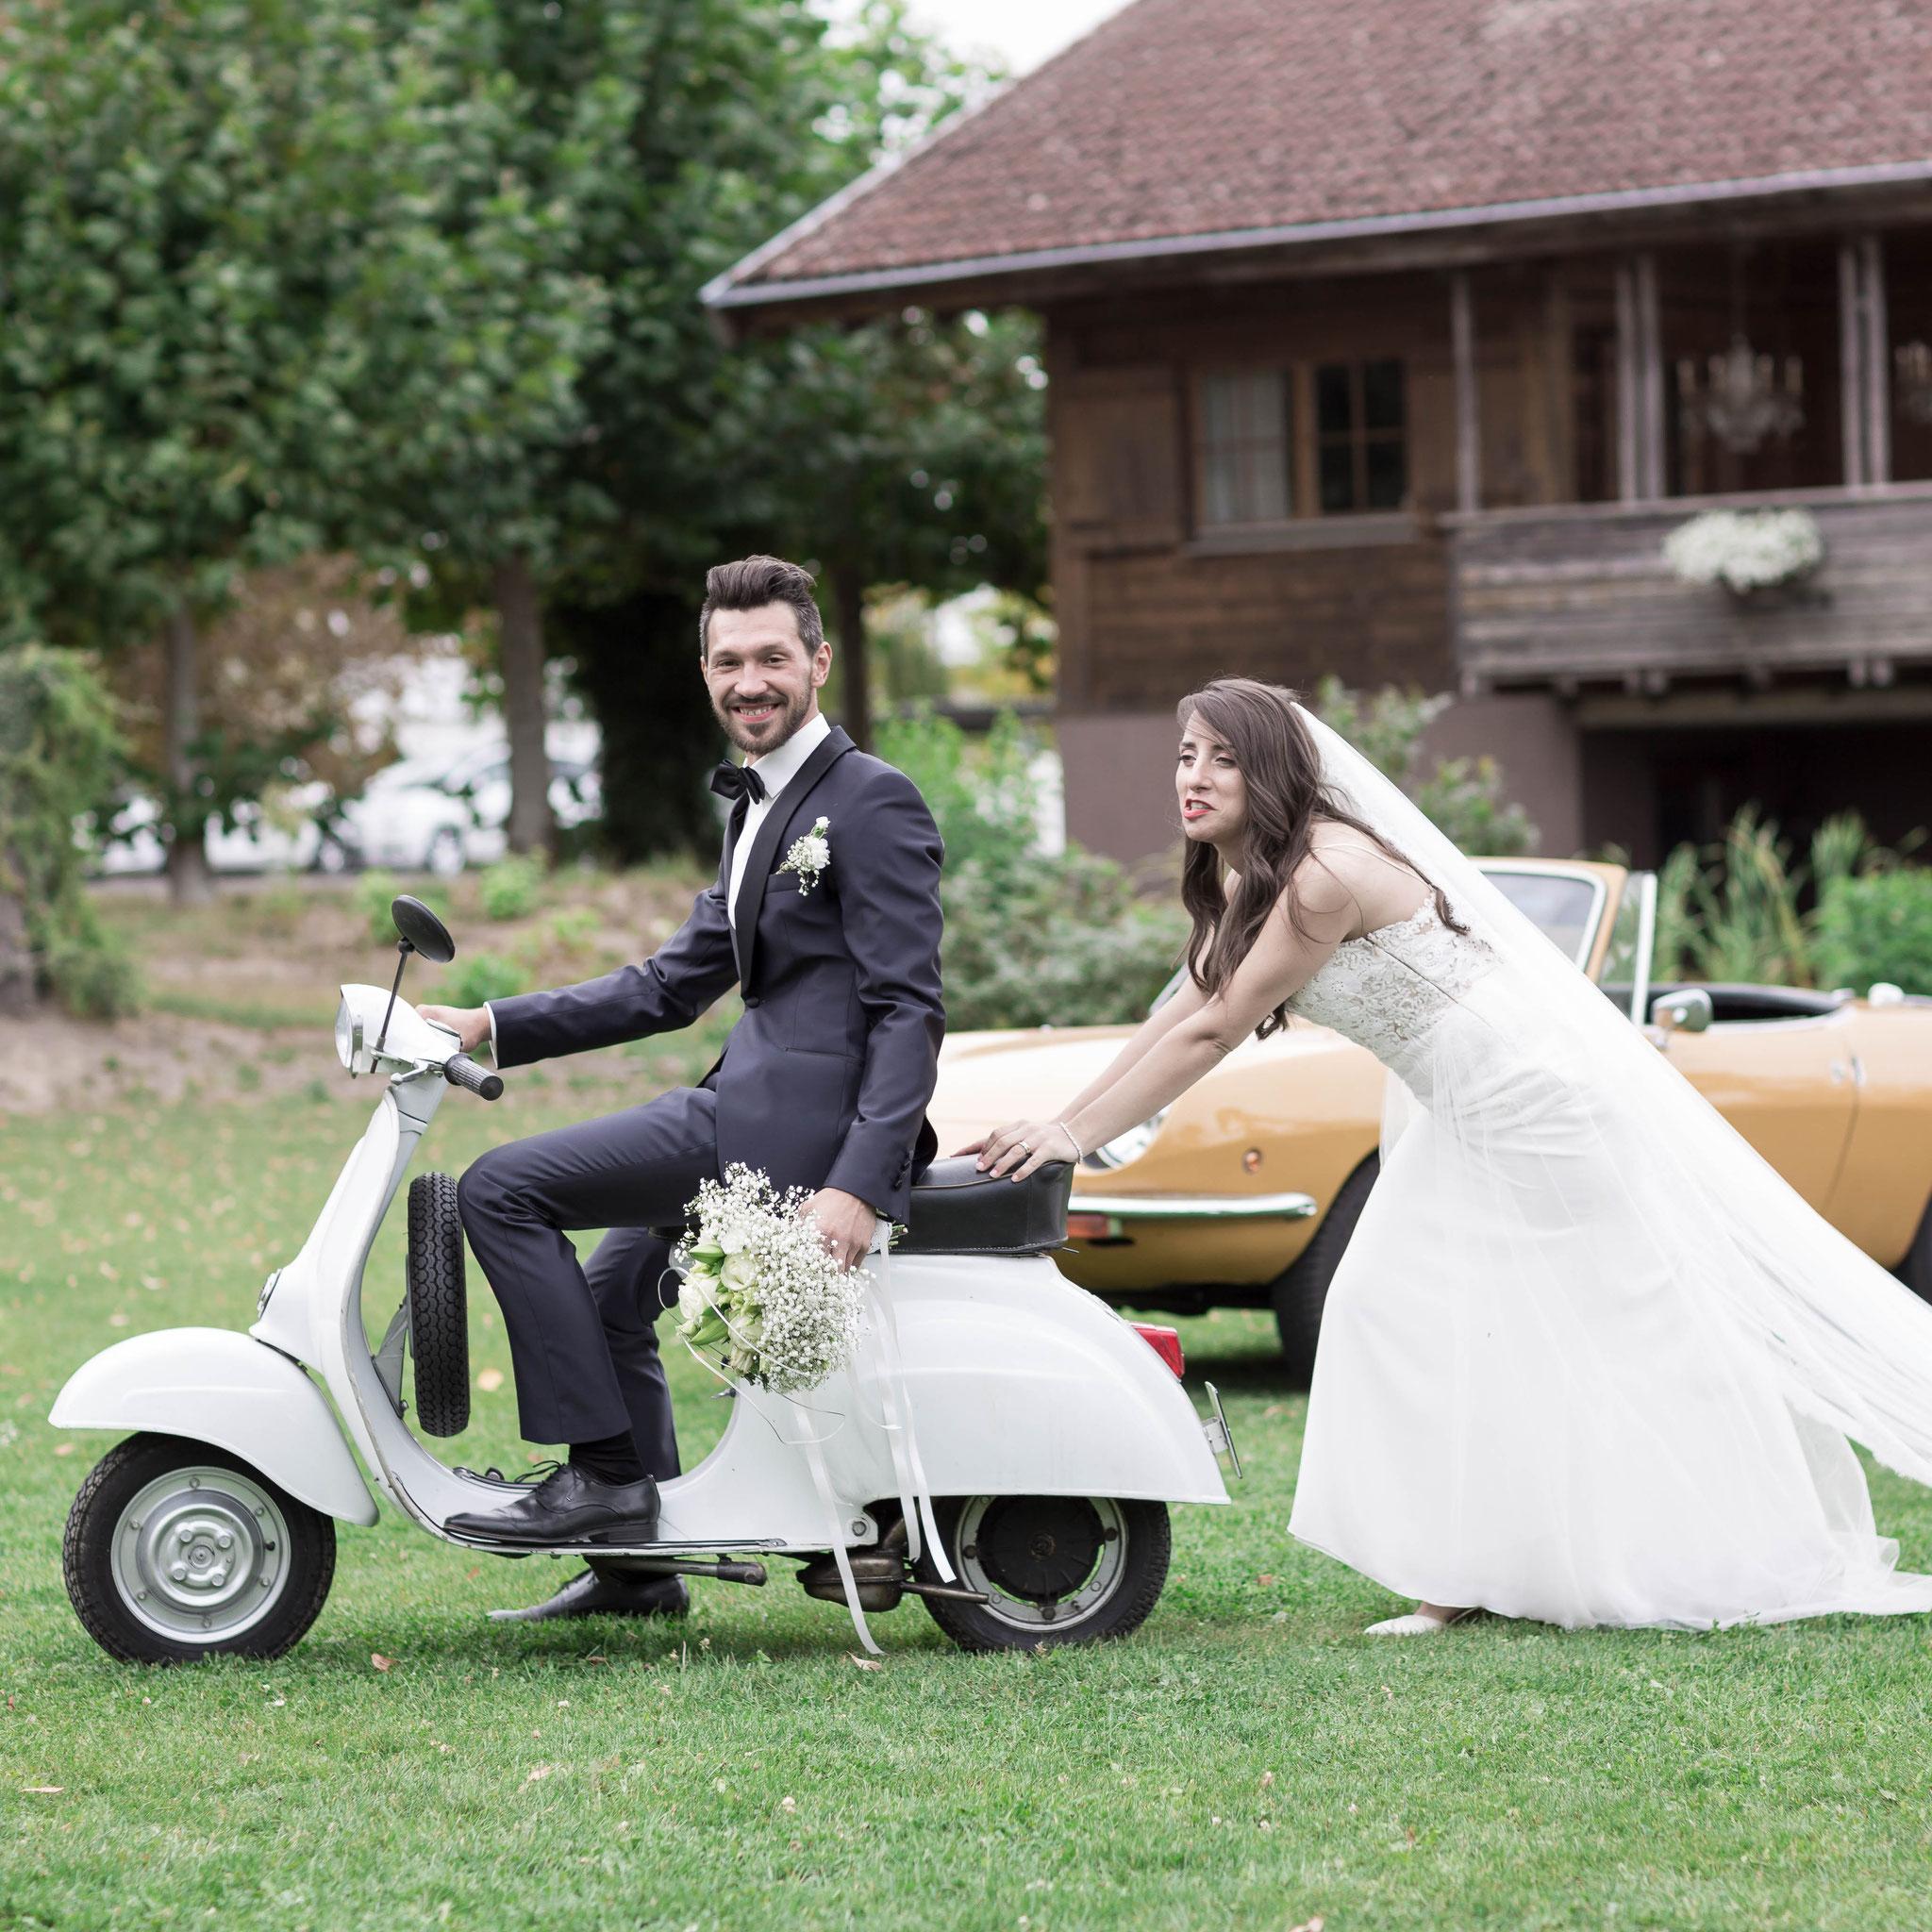 Fotograf für moderne russische Hochzeit in Offenbach